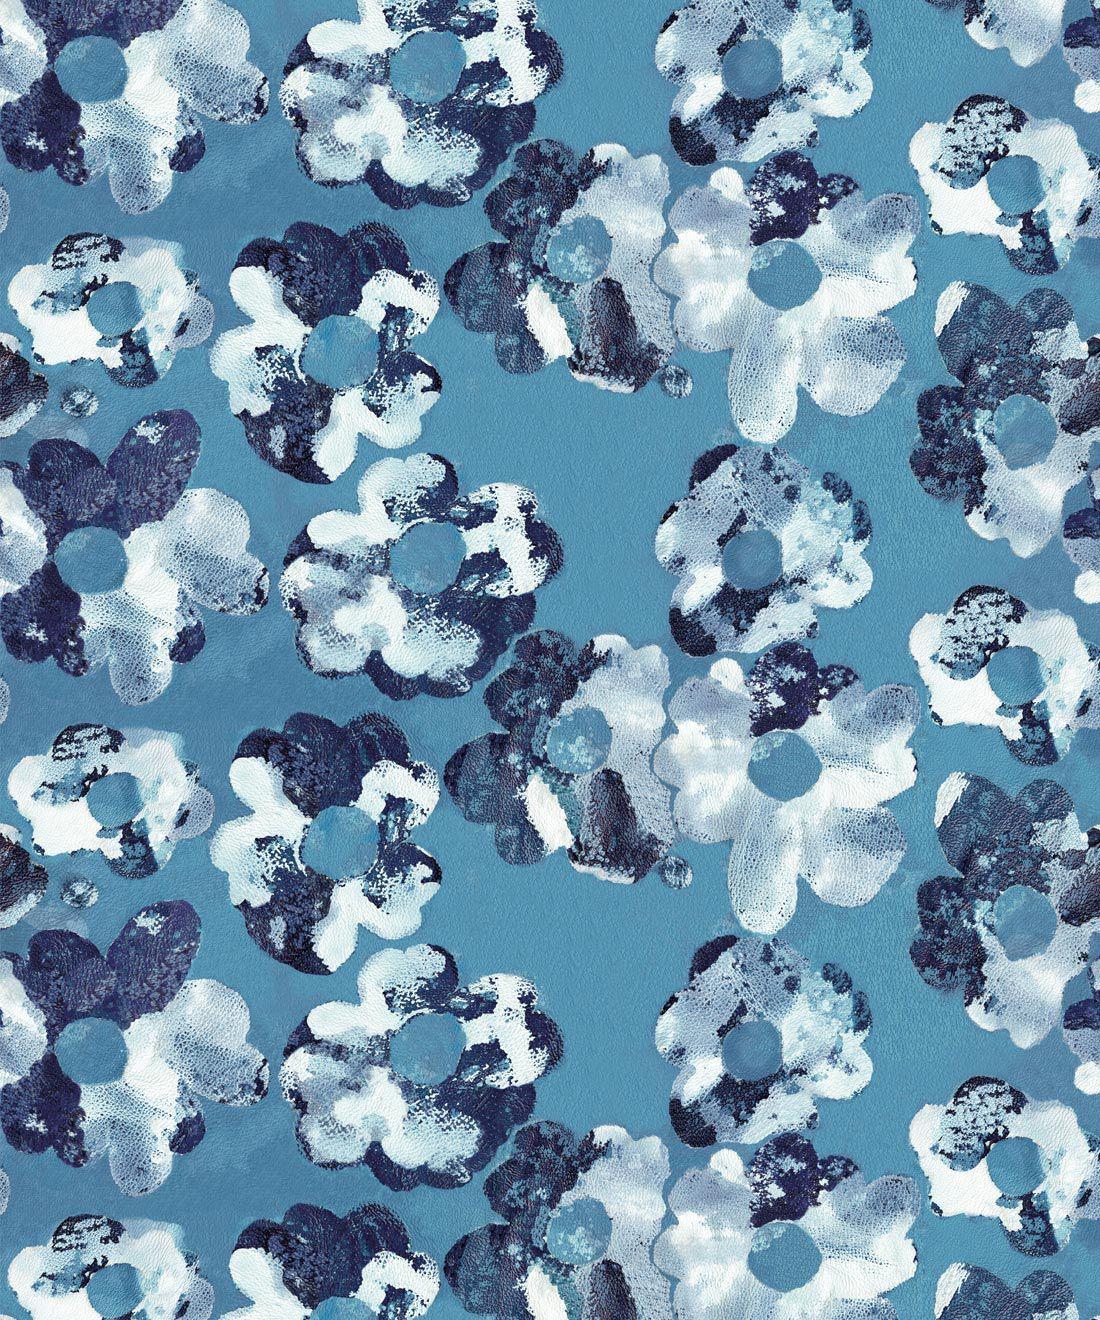 Cherry Blossom Wallpaper Indigo Blue • Shibori Floral • Swatch